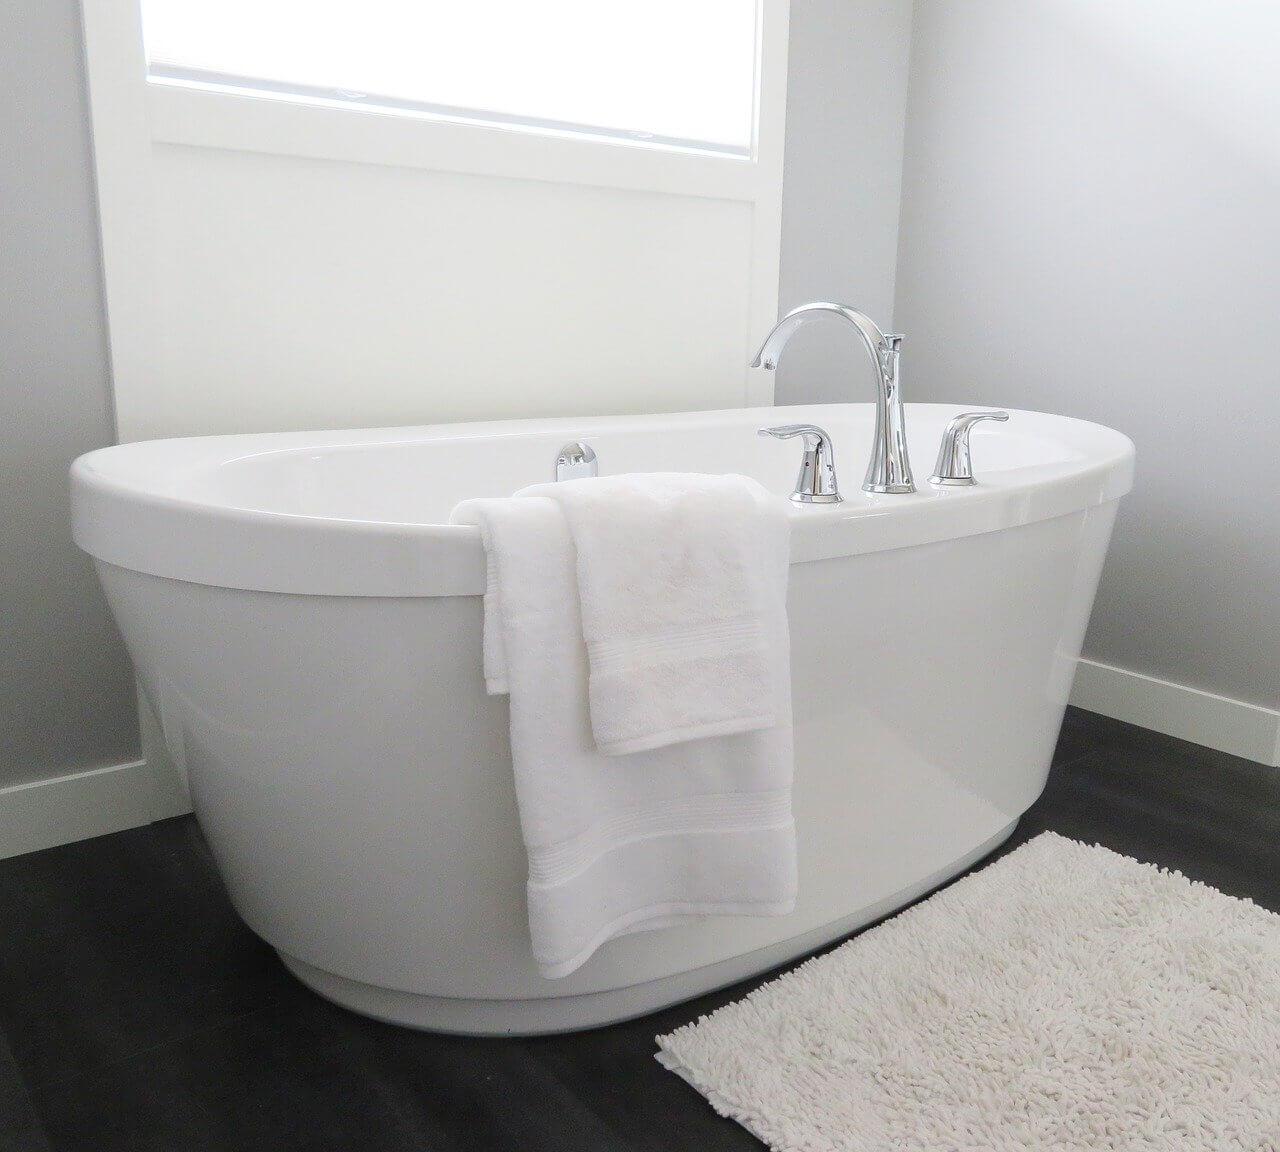 installation robinet mitigeur baignoire